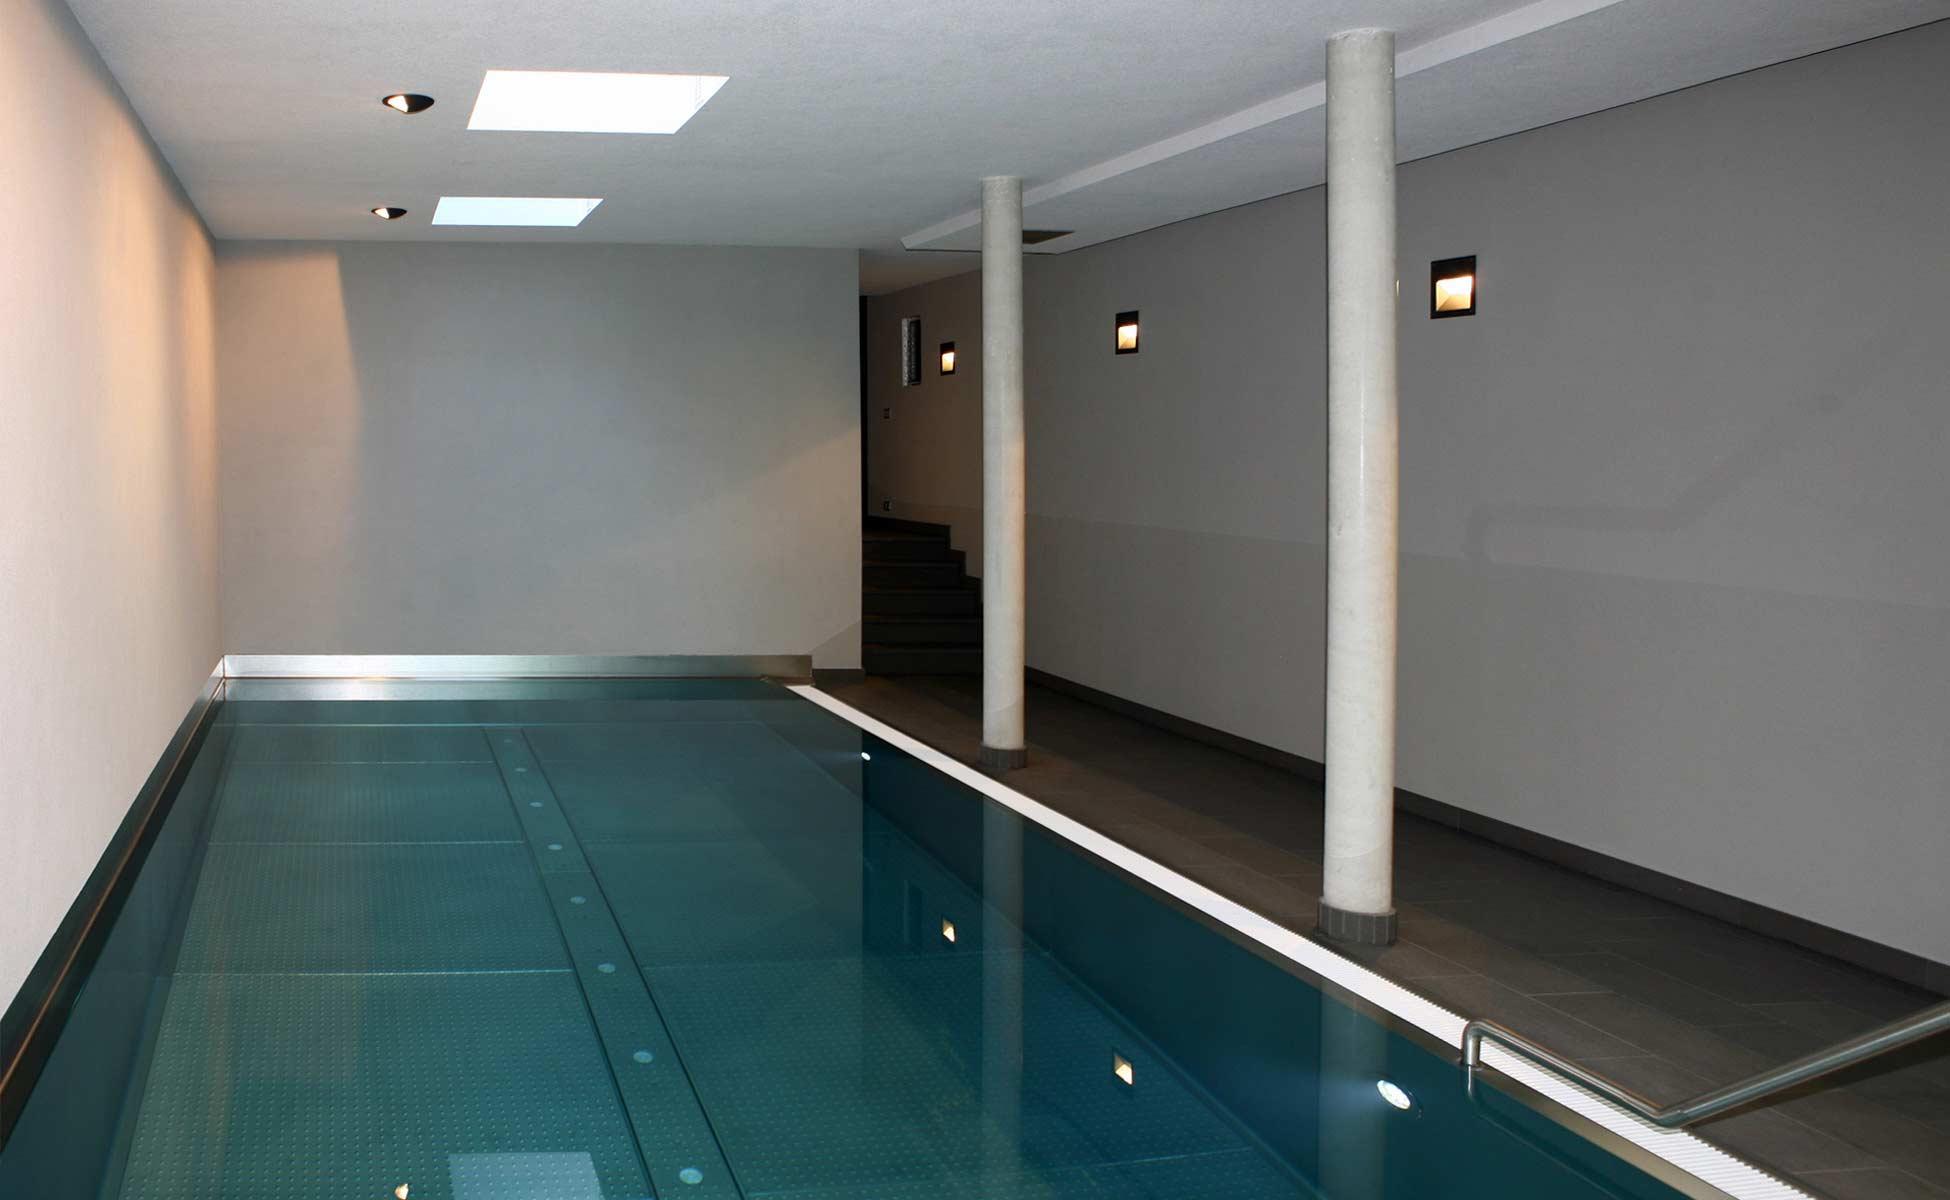 schwimmhalle mit edelstahlbecken by steidten+ in berlin